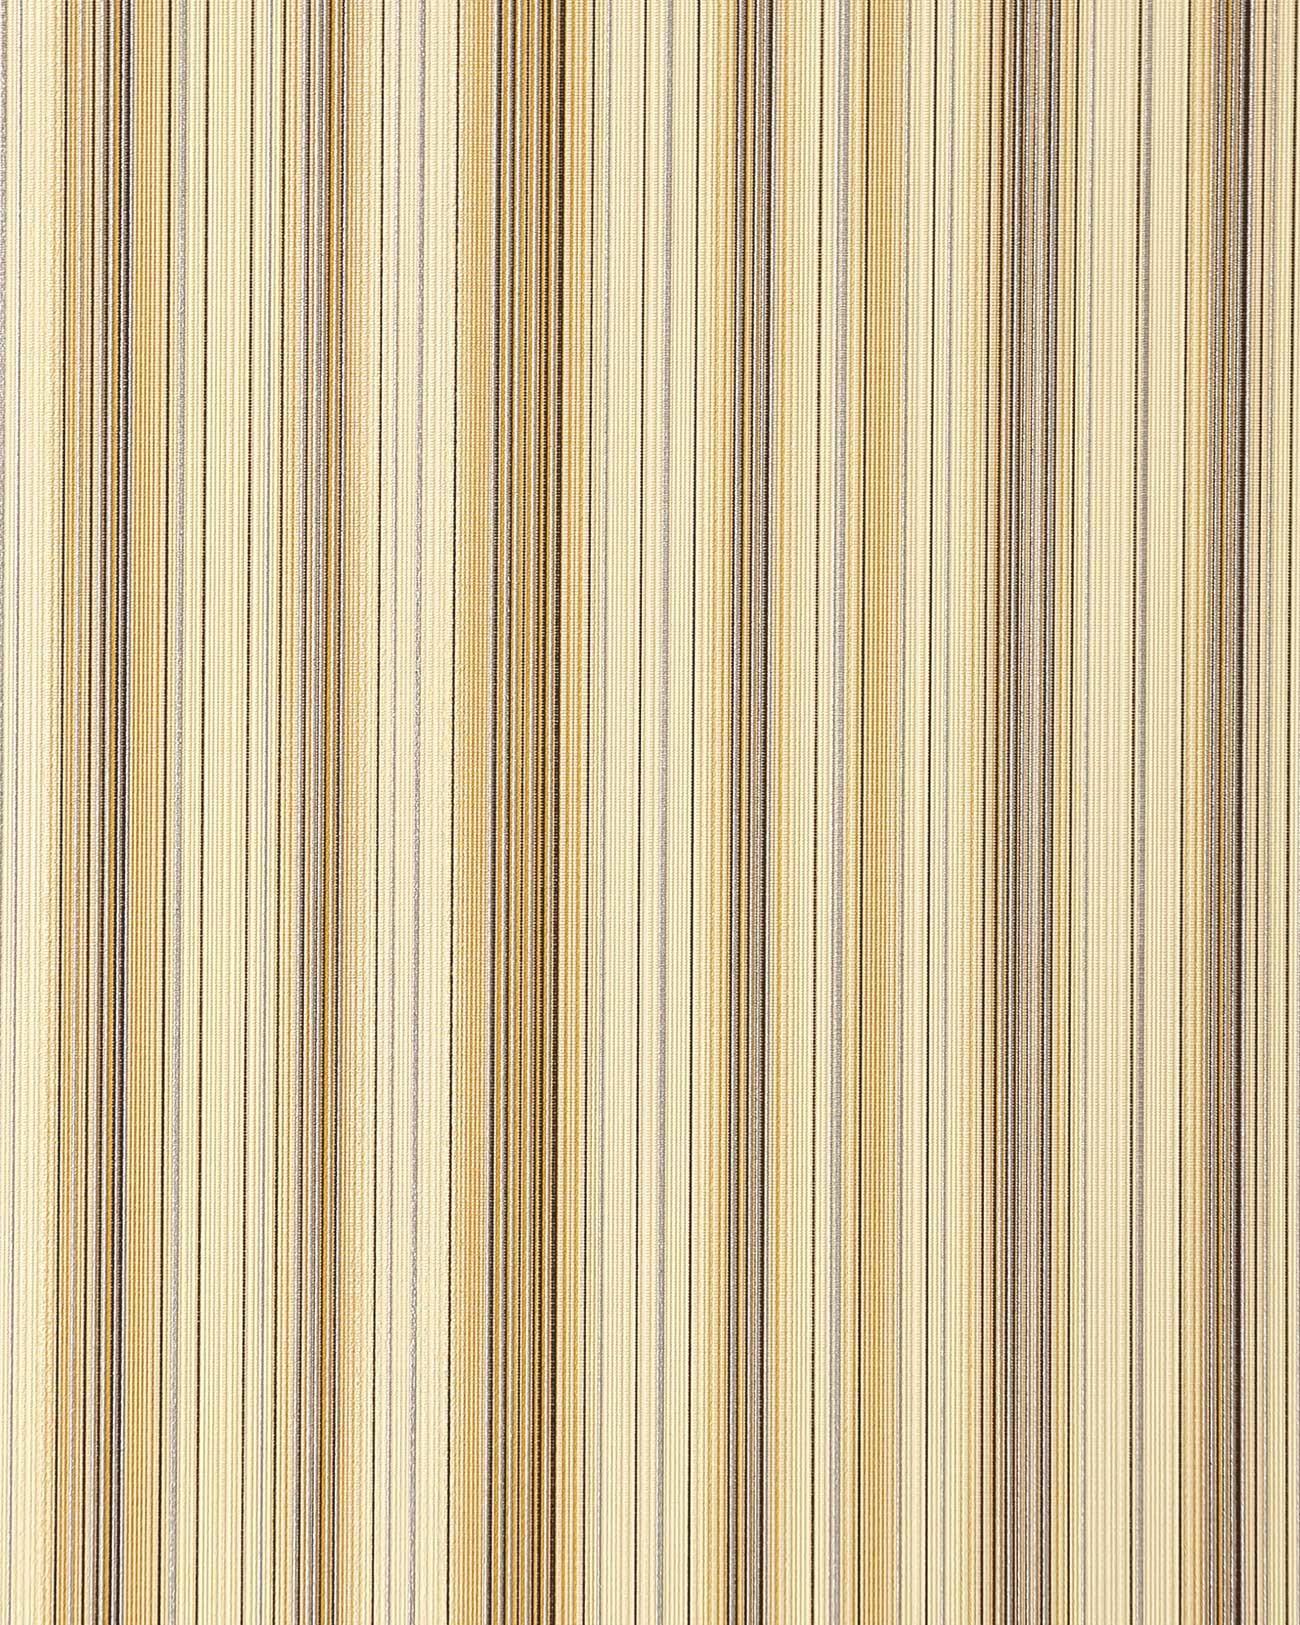 Papel pintado dise o a rayas suntuosas edem 097 21 moderno - Papel pintado de diseno moderno ...